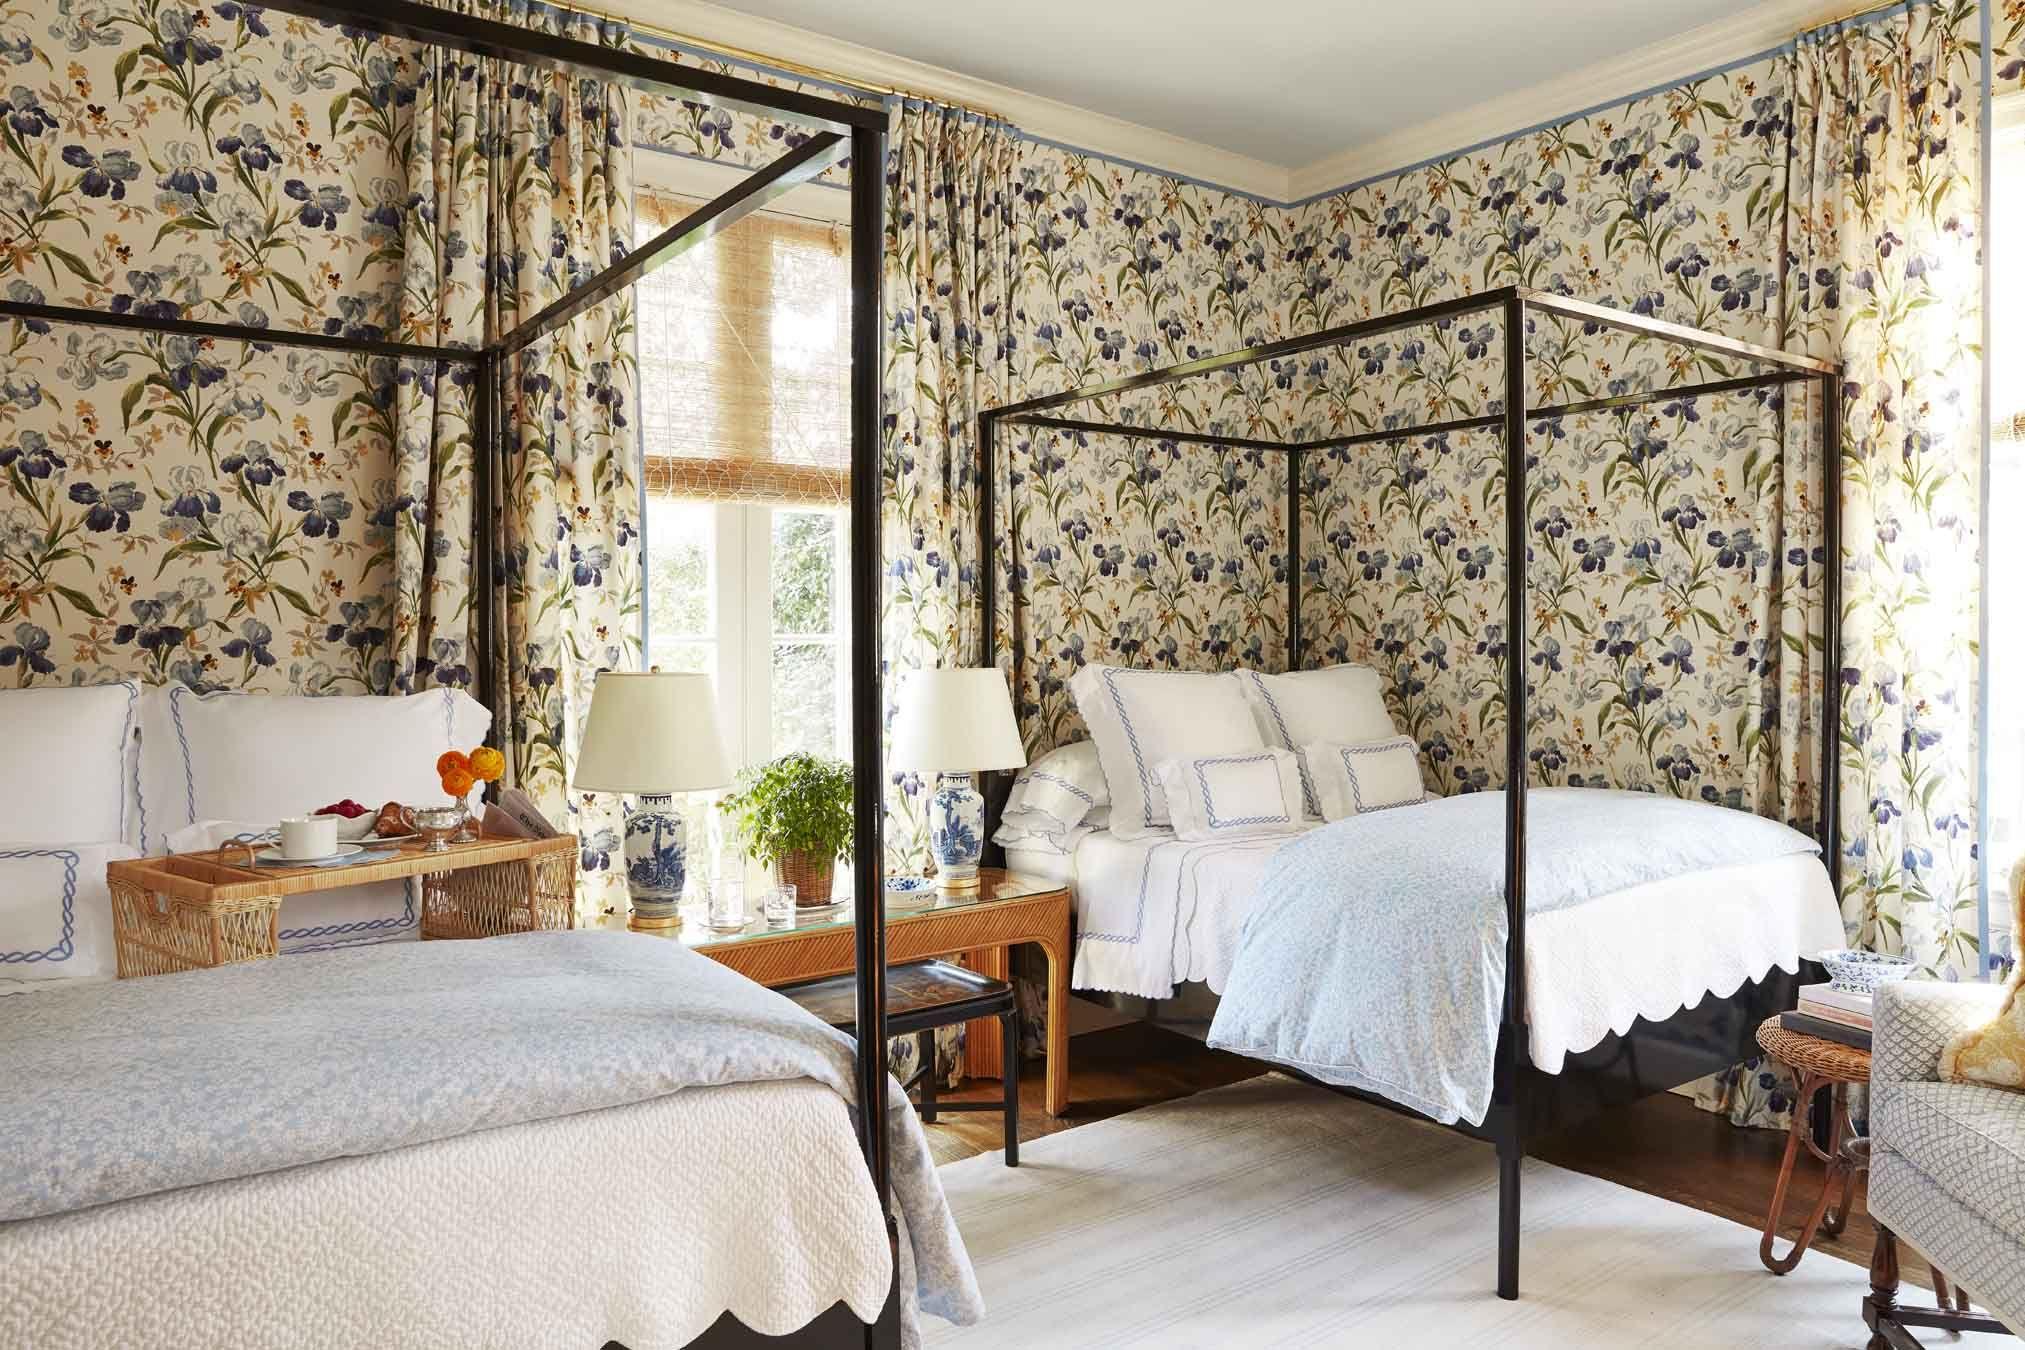 30 Best Bedroom Wallpaper Ideas